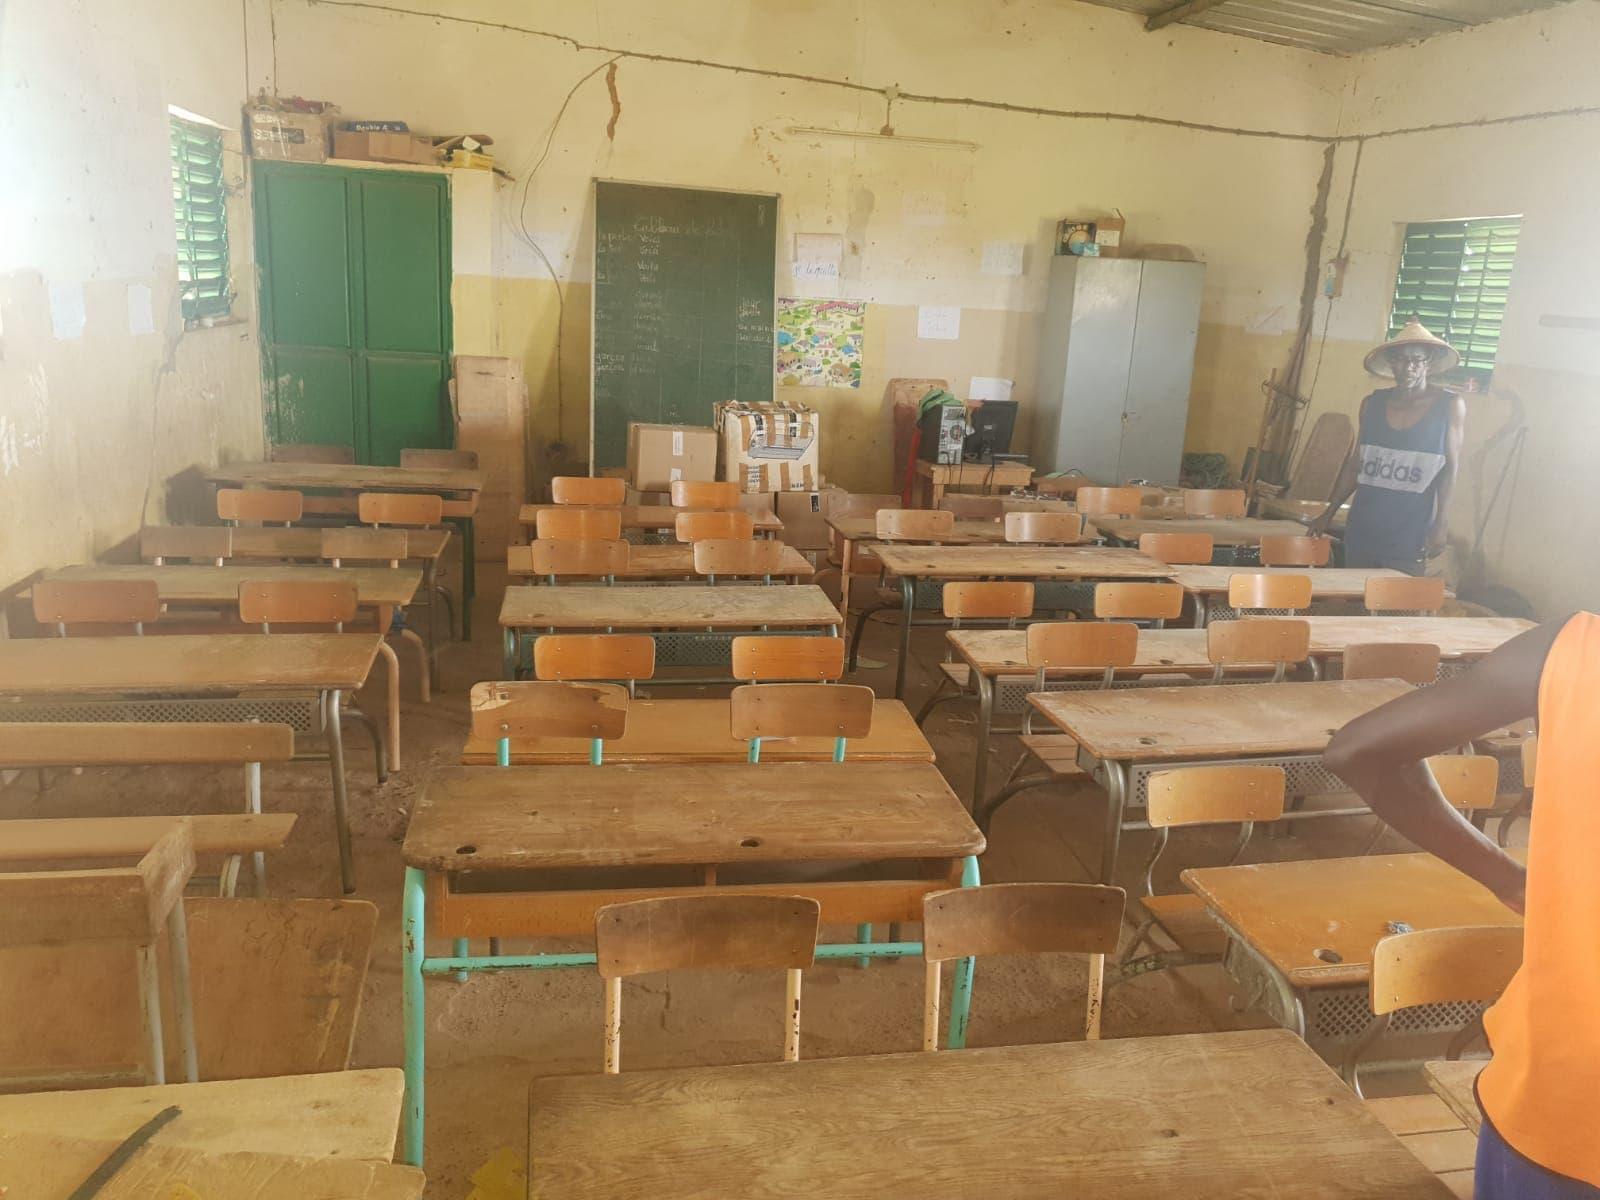 Groupe MDI Technologies mécène au Fouta, Don de Materiel Santé et Scolaire à Matam, Ogo, Thiancone, Fouta, Sénégal (16)